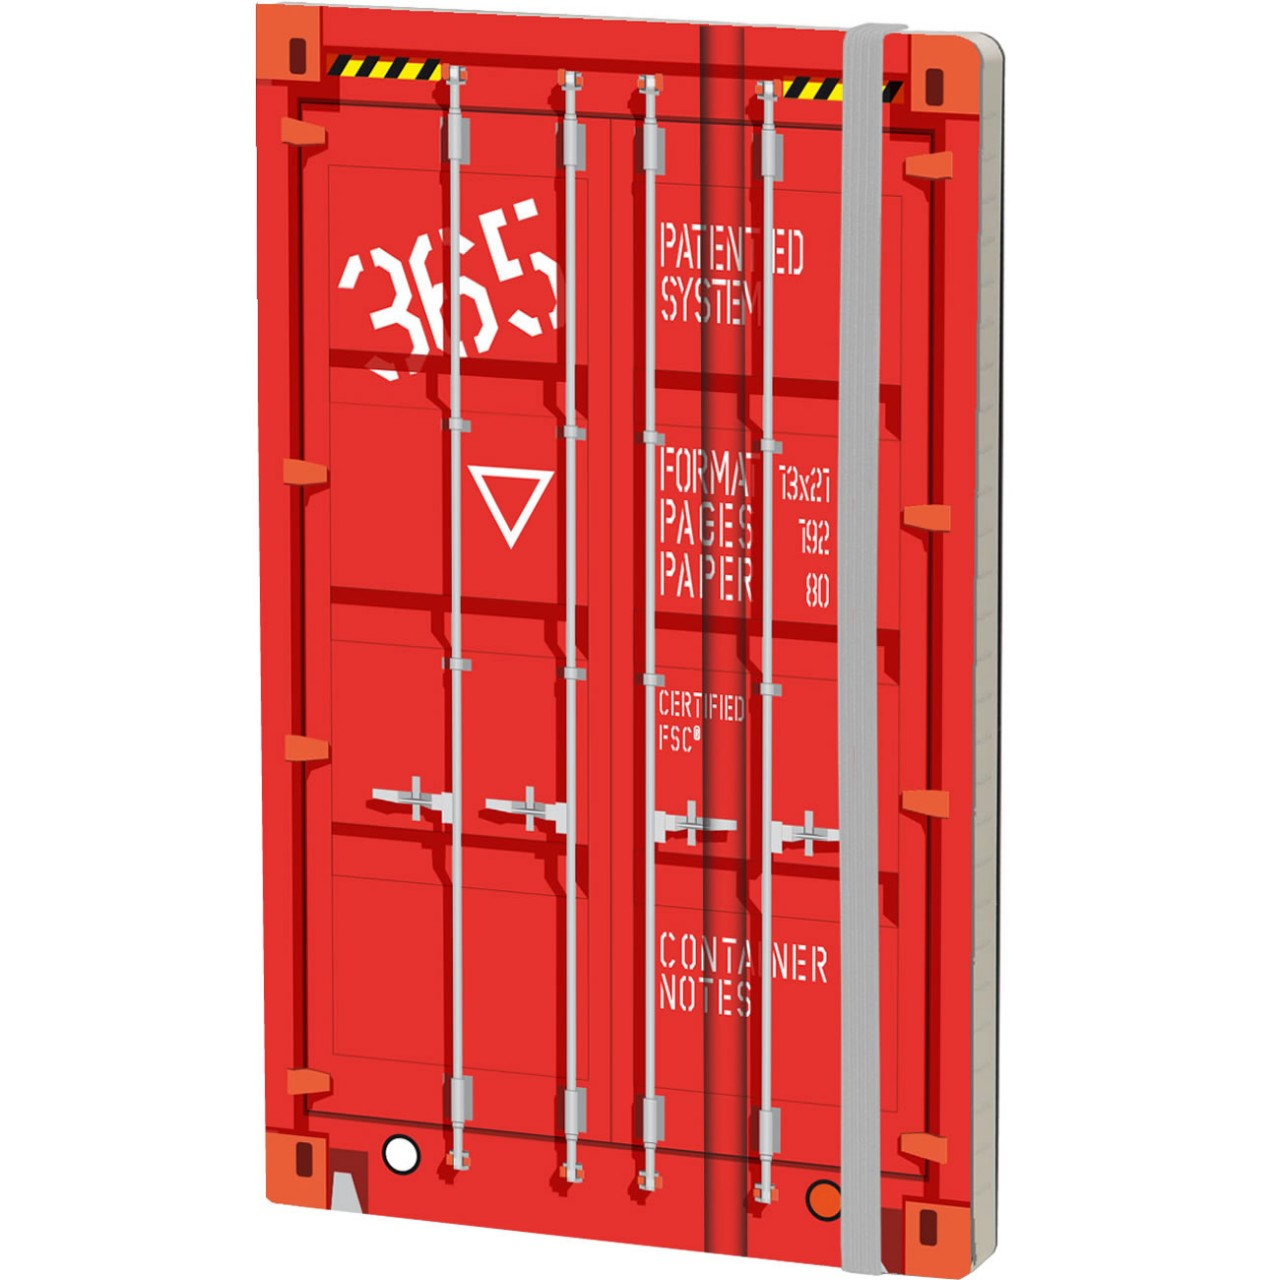 Stifflex Notizbuch CONTAINER NOTES 13 x 21 cm 192 S., RED